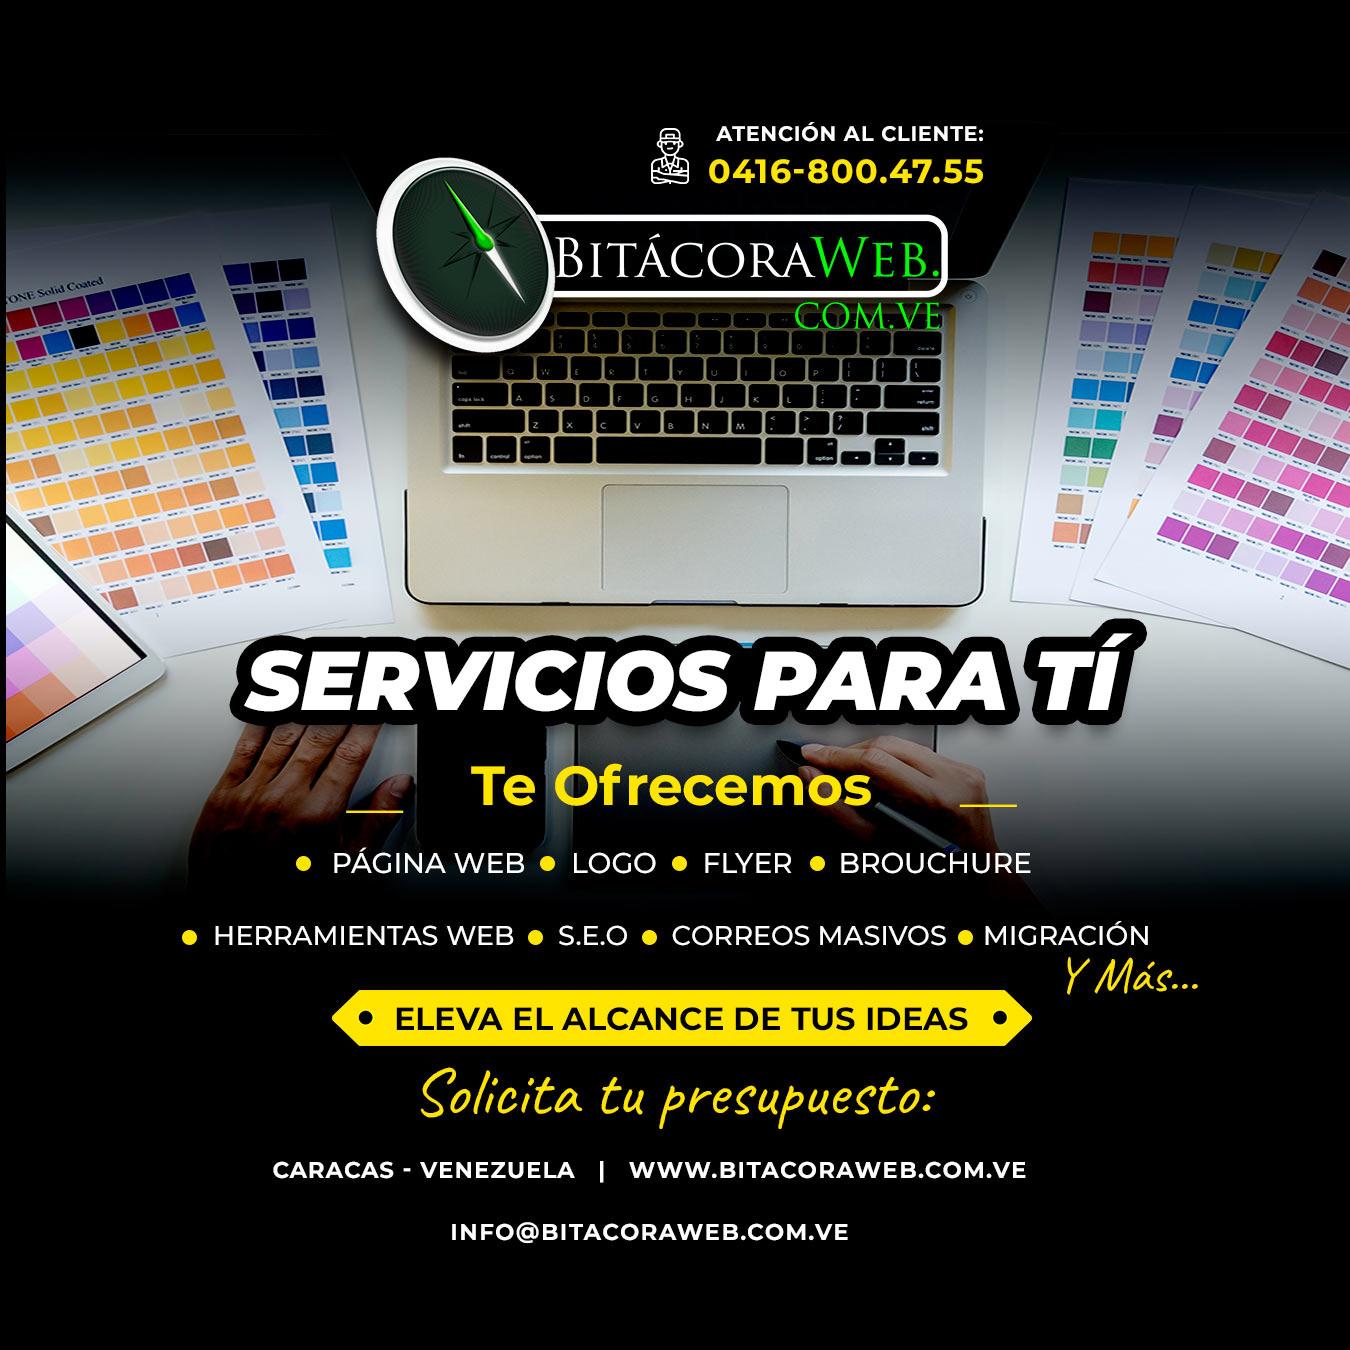 Servicios para tí